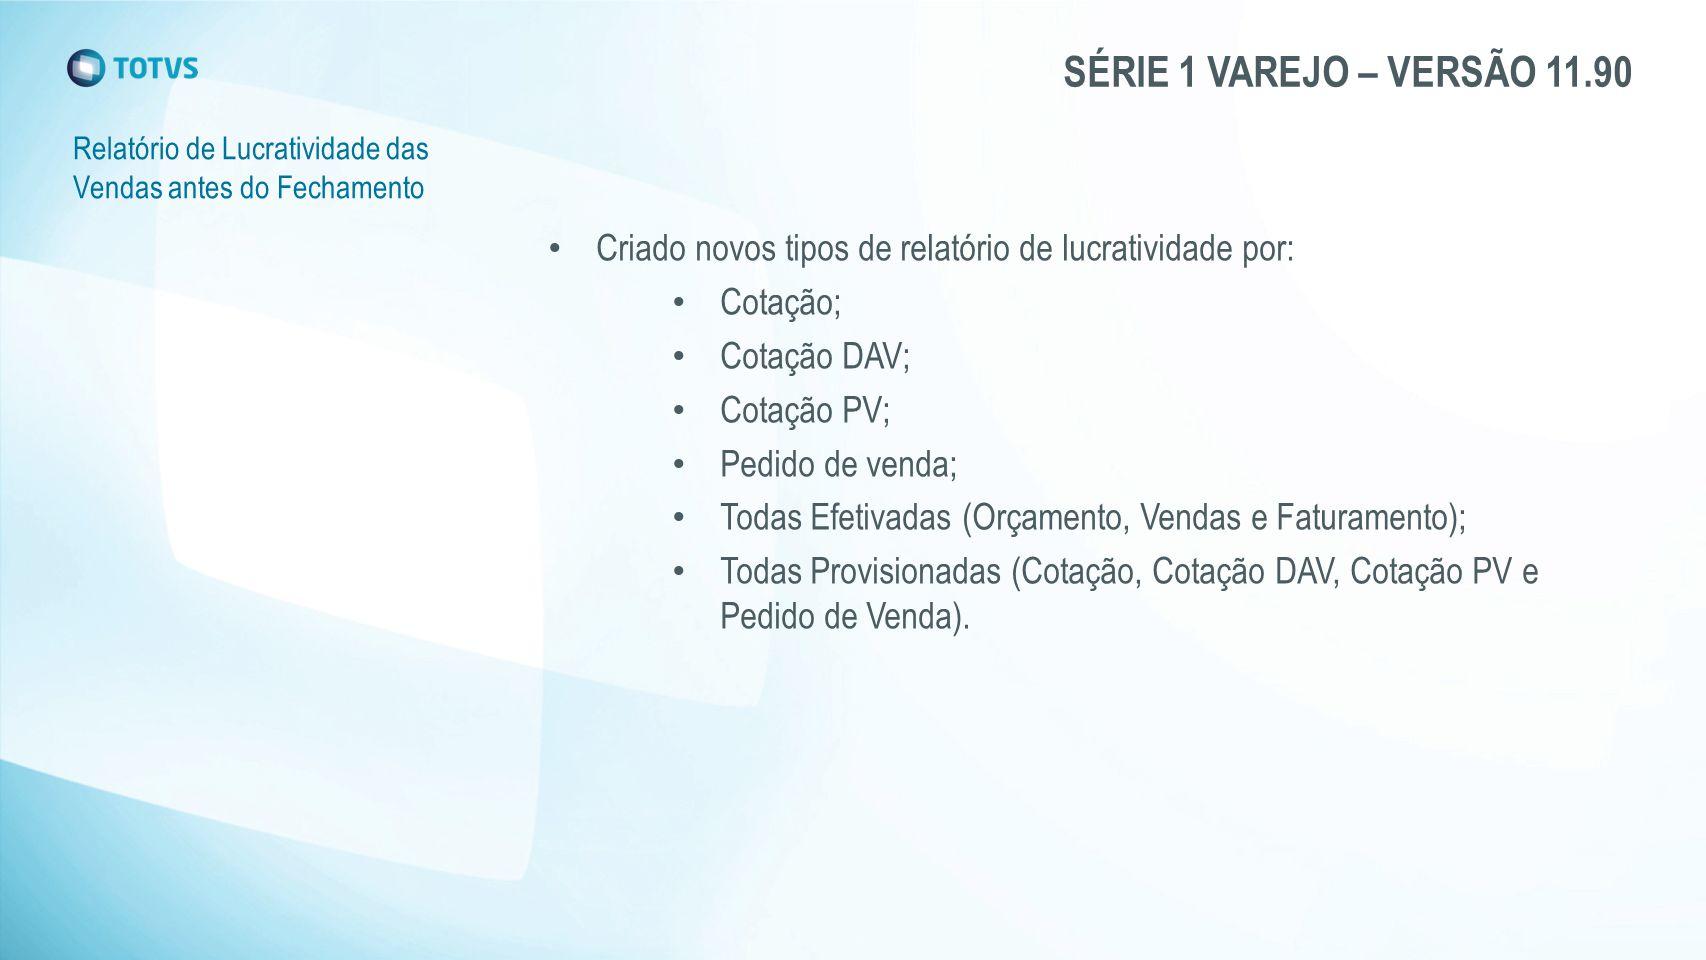 SÉRIE 1 VAREJO – VERSÃO 11.90 Relatório de Lucratividade das Vendas antes do Fechamento Criado novos tipos de relatório de lucratividade por: Cotação;